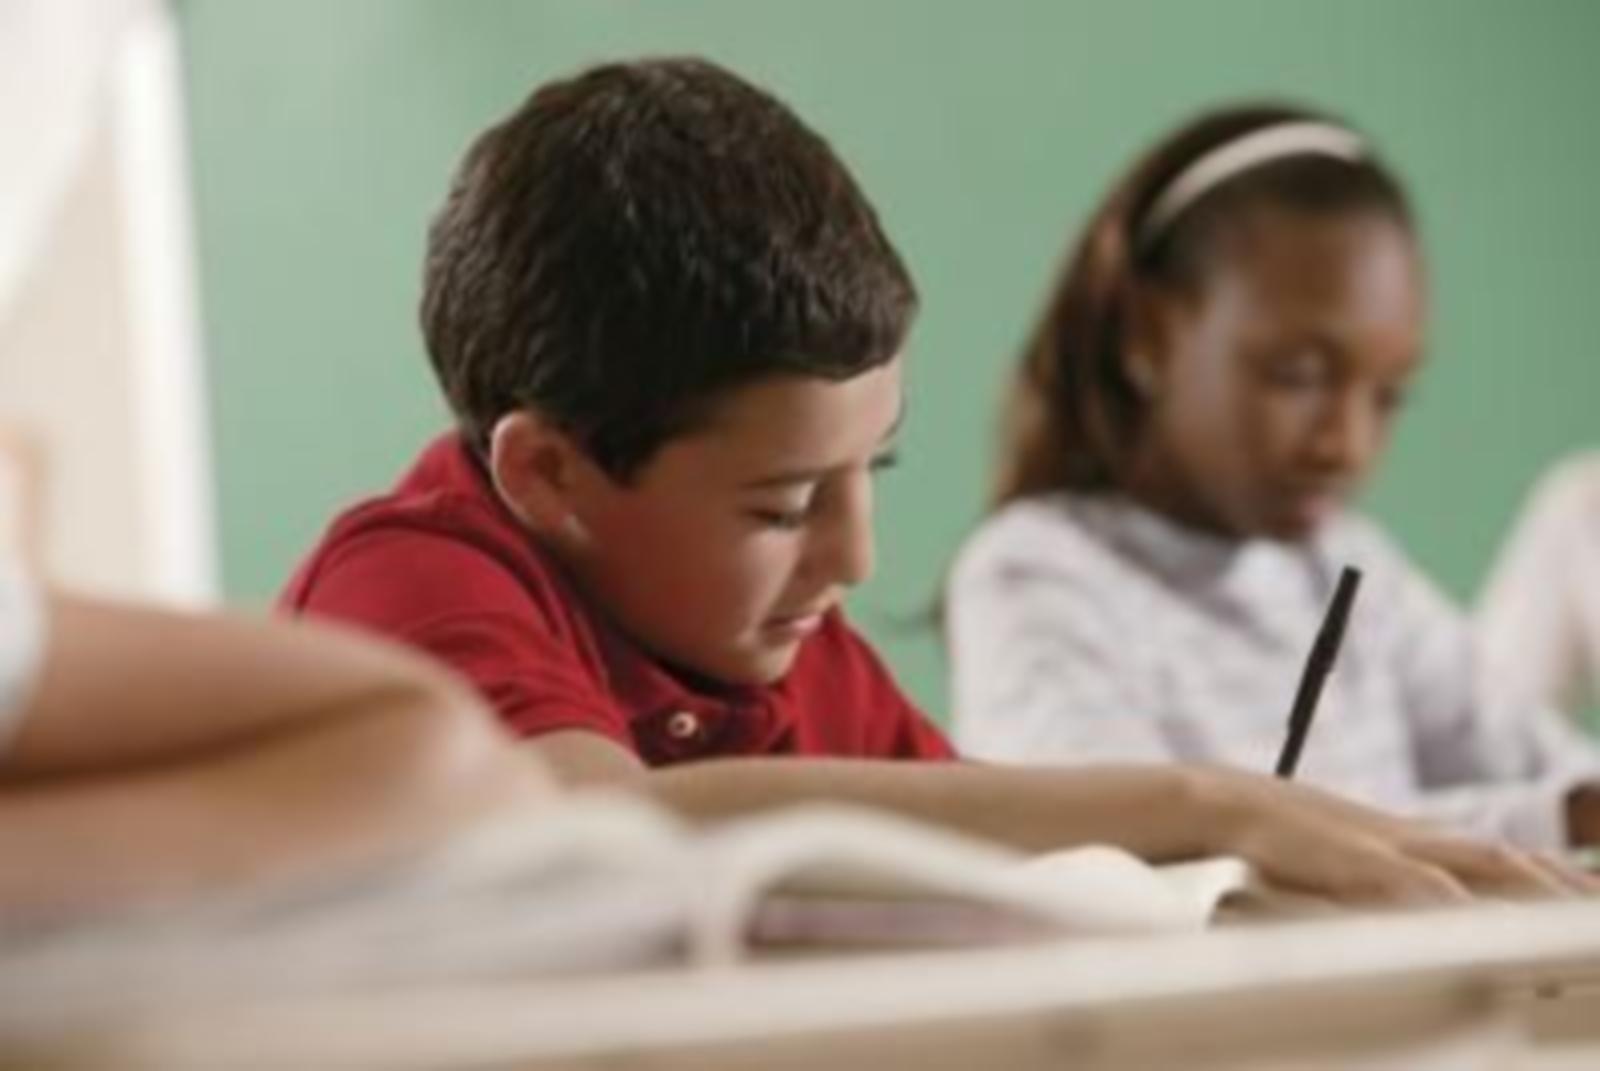 Πώς να βοηθήσω μαθητές με δυσλεξία κατά τη διάρκεια διδασκαλίας; (Μέρος Γ)